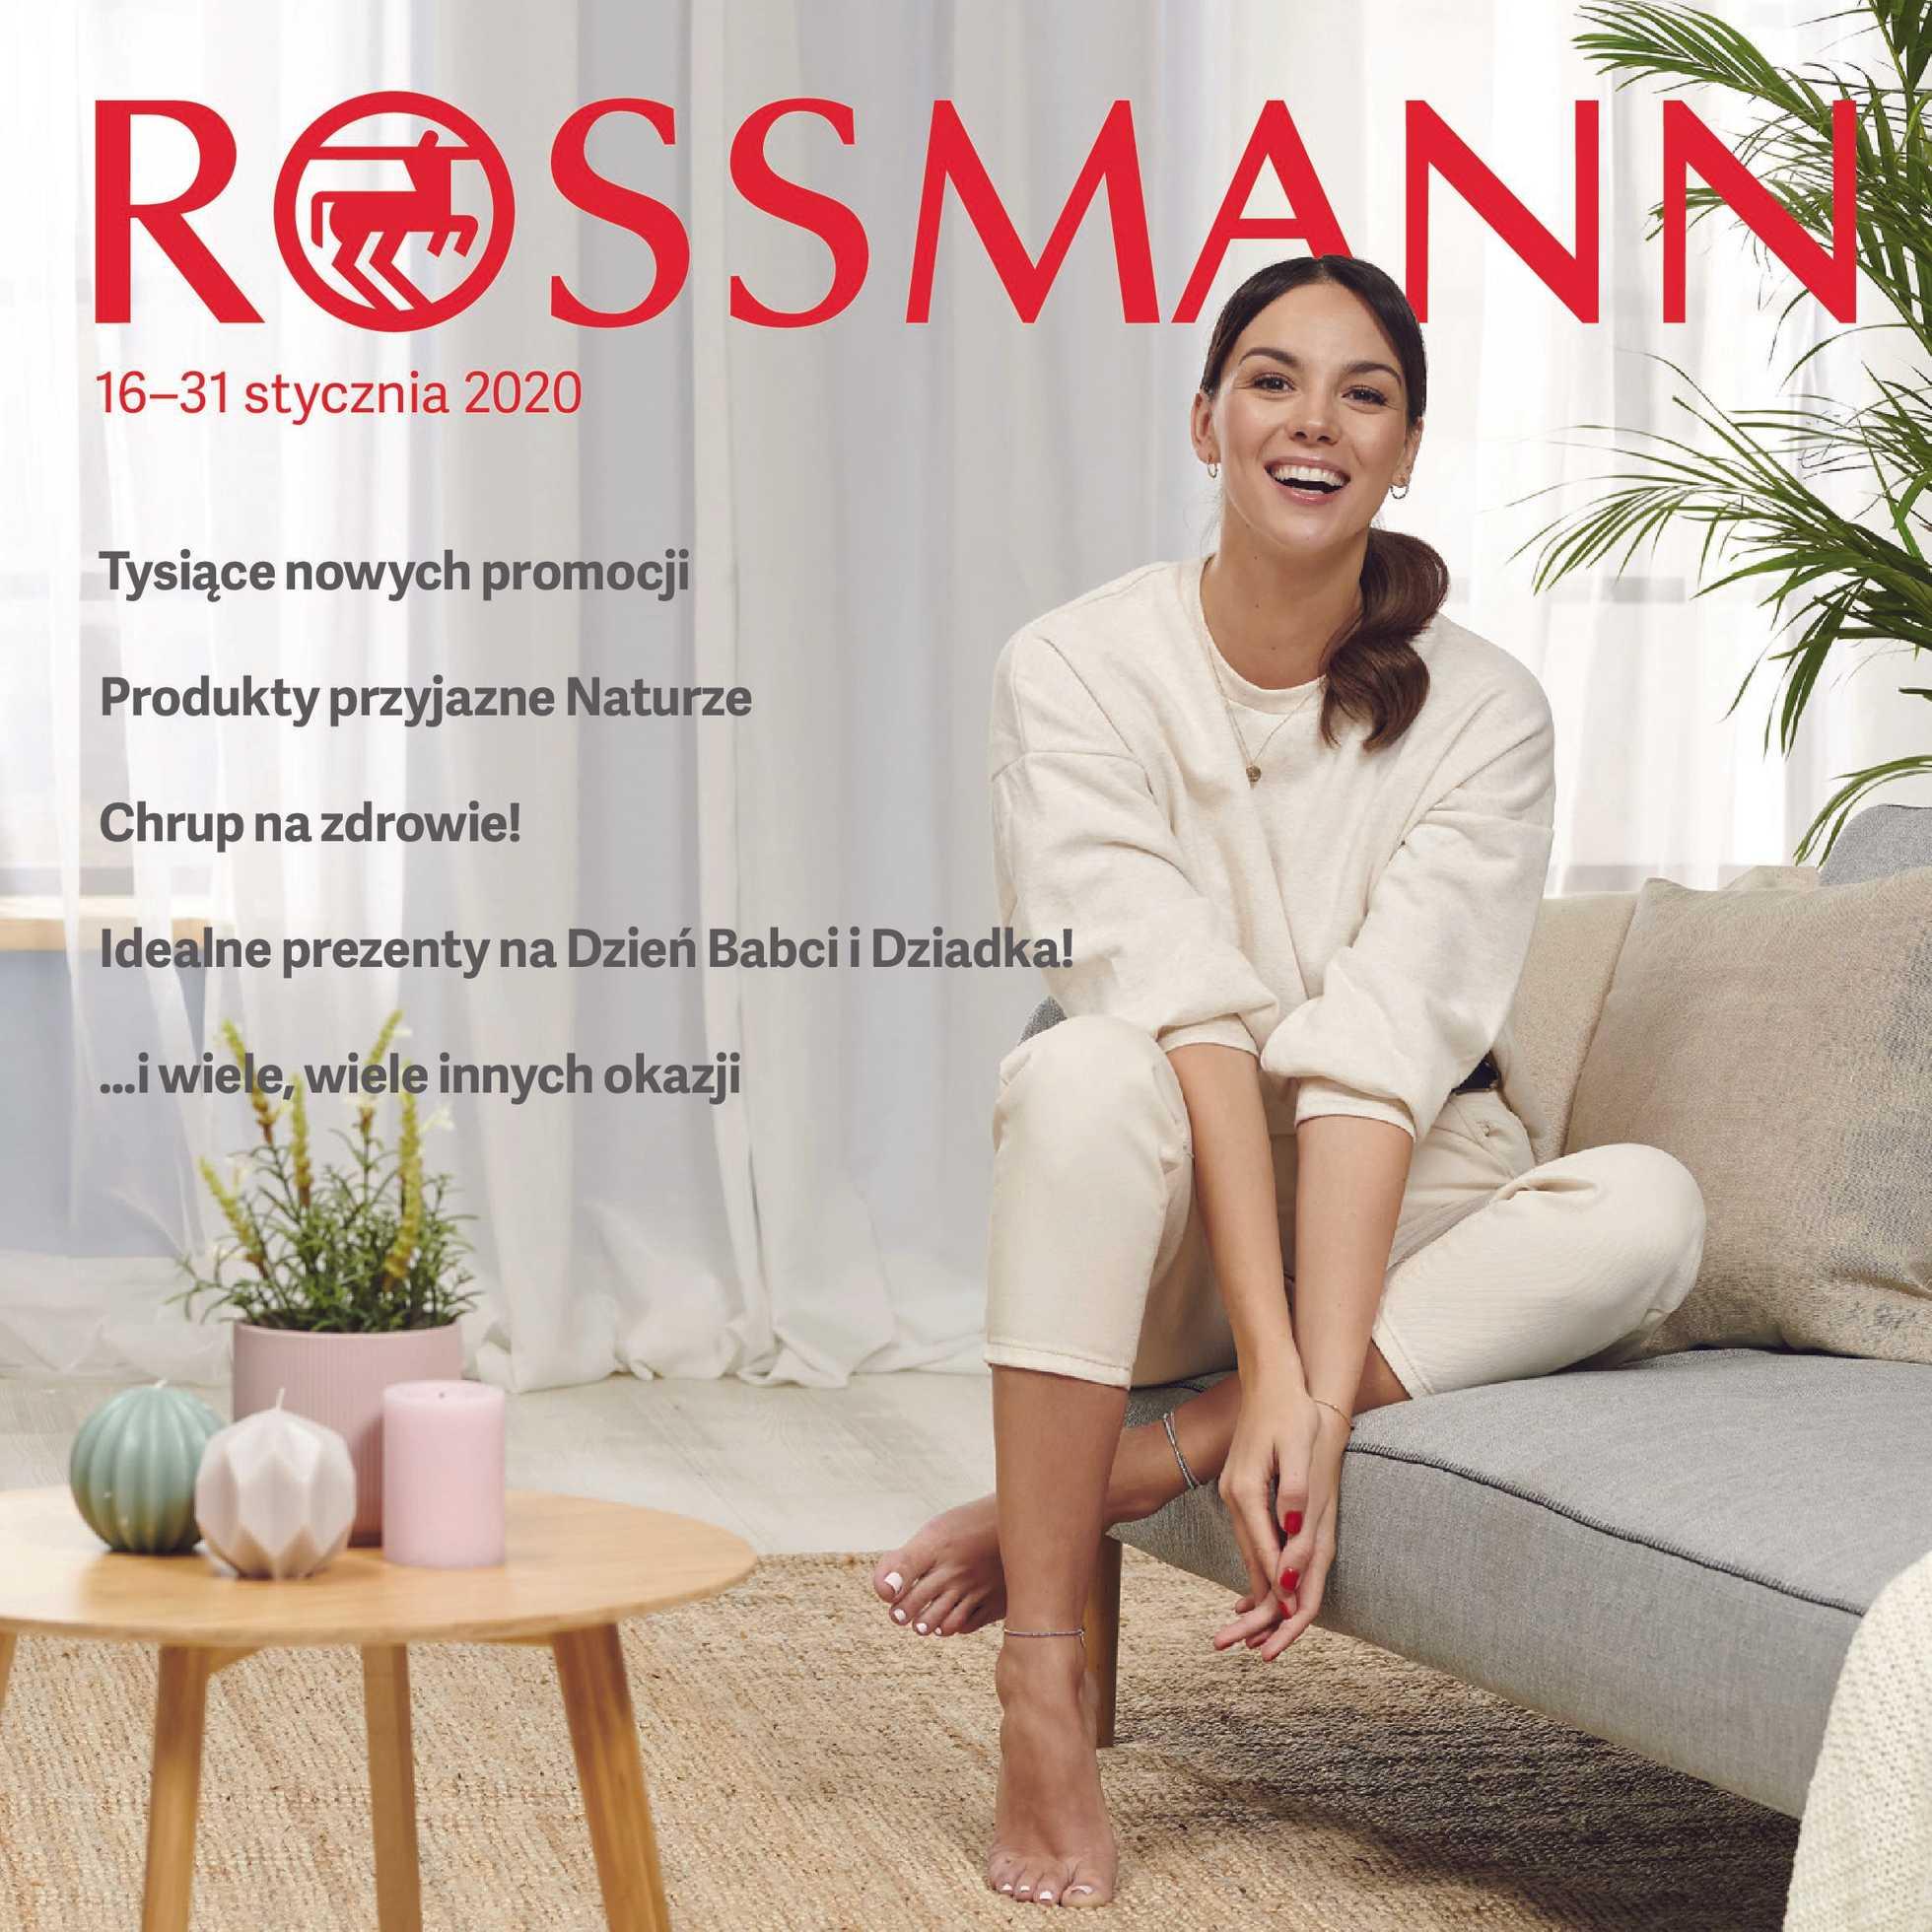 Rossmann - gazetka promocyjna ważna od 16.01.2020 do 31.01.2020 - strona 1.